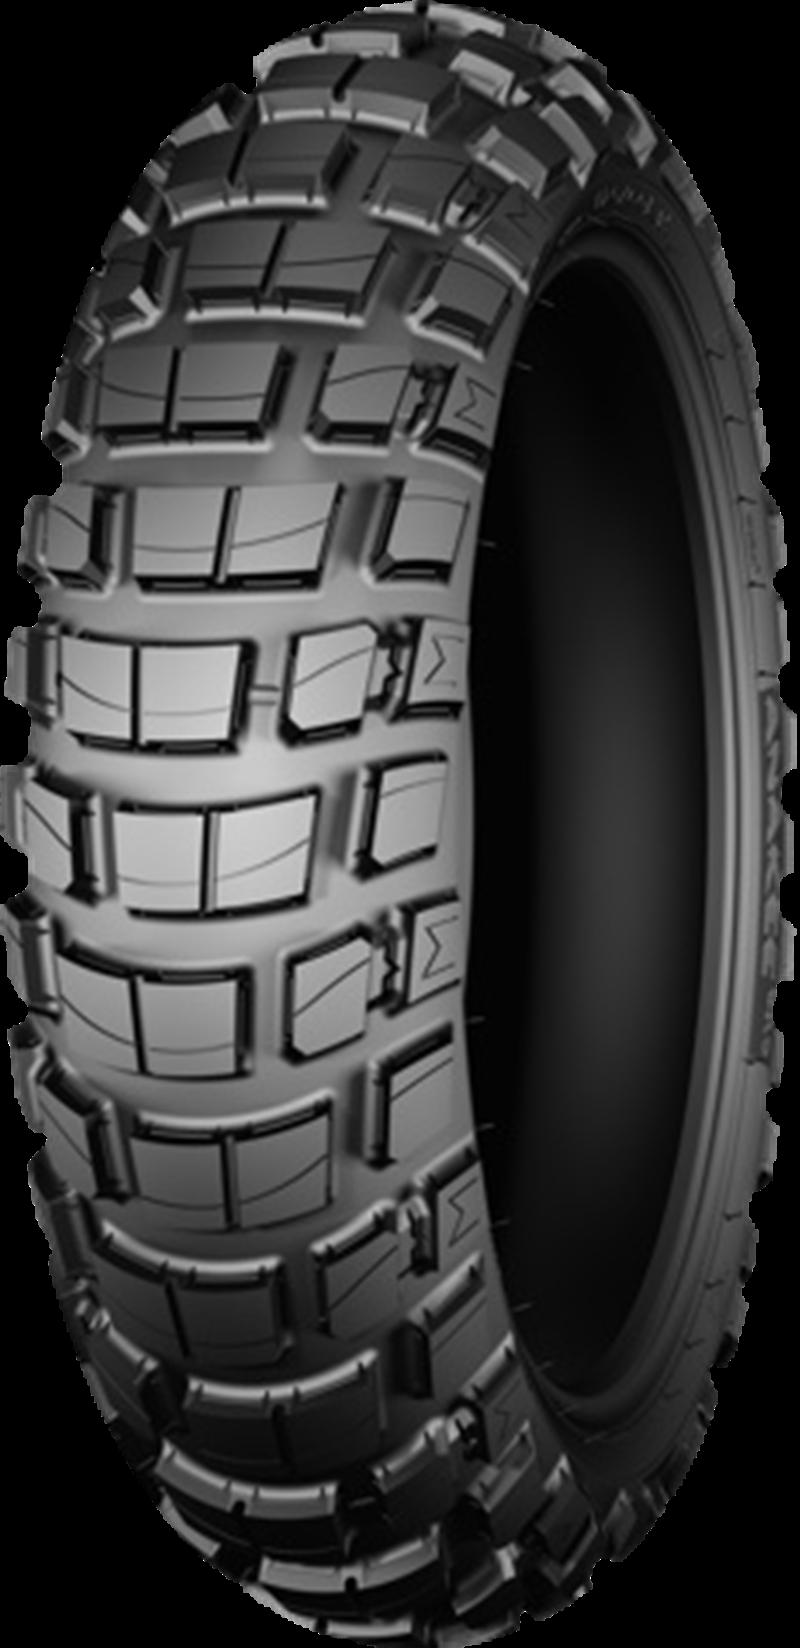 Michelin Anakee Wild pneu